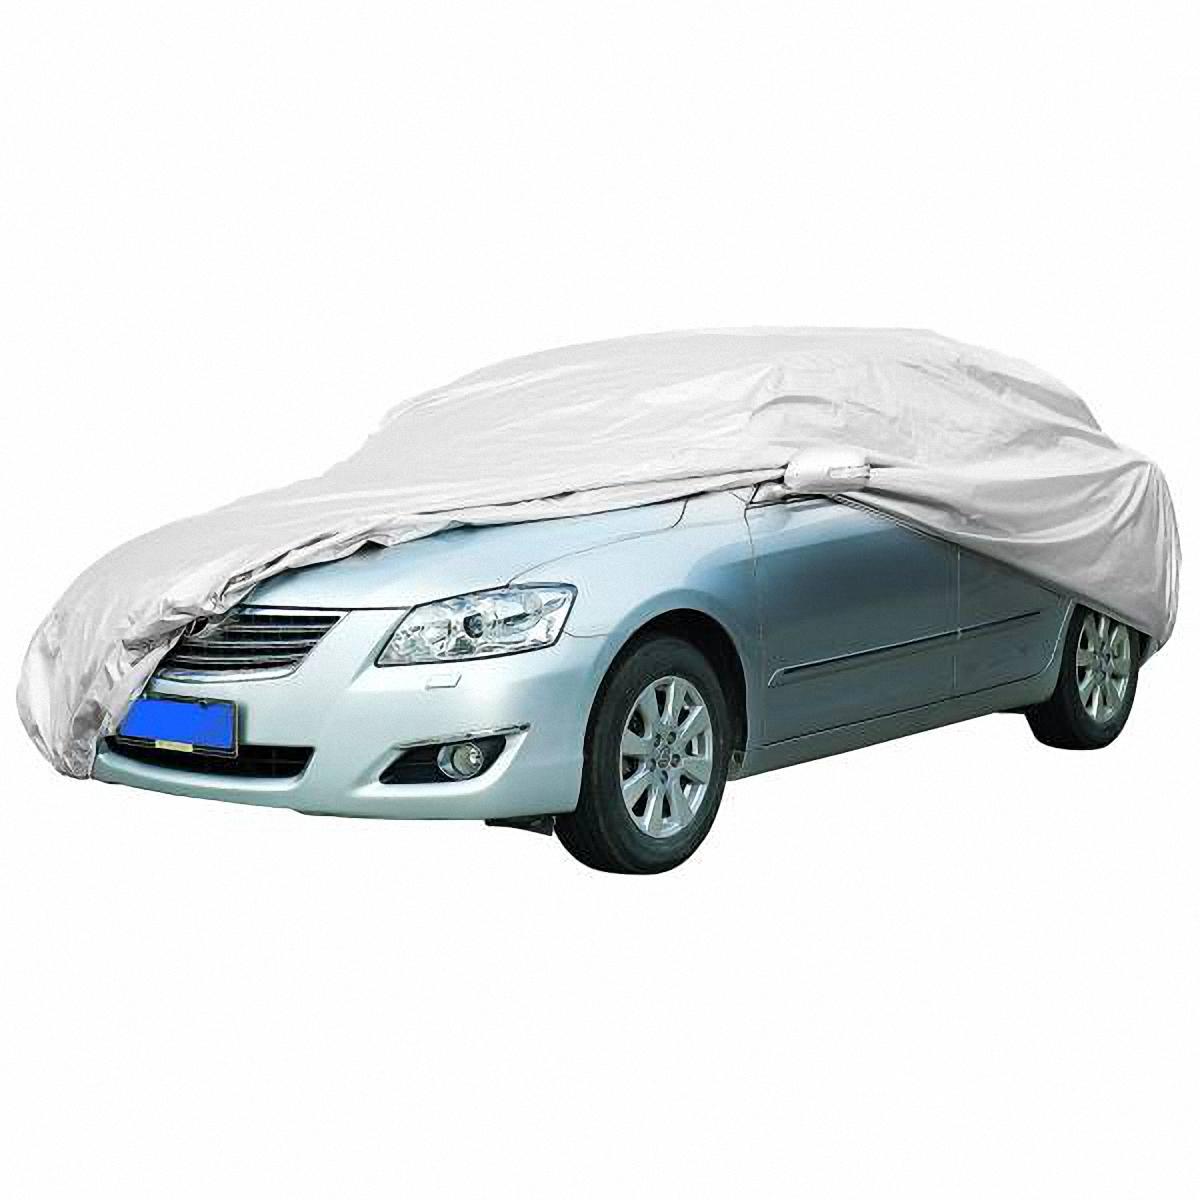 Чехол-тент автомобильный Skyway, 533 х 178 х 119 см. Размер XLВетерок 2ГФТент автомобильный позволит защитить кузов вашего транспортного средства от коррозии и загрязнений во время хранения или транспортировки, а вас избавит от необходимости частого мытья вашего автомобиля. Чехол-тент предохраняет лакокрасочное покрытие кузова, стекла и фары вашего автомобиля от воздействия прямых солнечных лучей и неблагоприятных погодных условий, загрязнений. Легко и быстро надевается на автомобиль, не царапая и не повреждая его.Изготовлен из высококачественного полиэстера. В передней и задней части тента вшиты резинки, стягивающие его нижний край под передним и задним бамперами. Обладает высокой влаго- и износостойкостью. Обладает светоотражающими и пылезащитными свойствами. Выдерживает как низкие, так и высокие температуры. Воздухопроницаемый материал. Состав: полиэстер. Размер: 533 х 178 х 119 см.